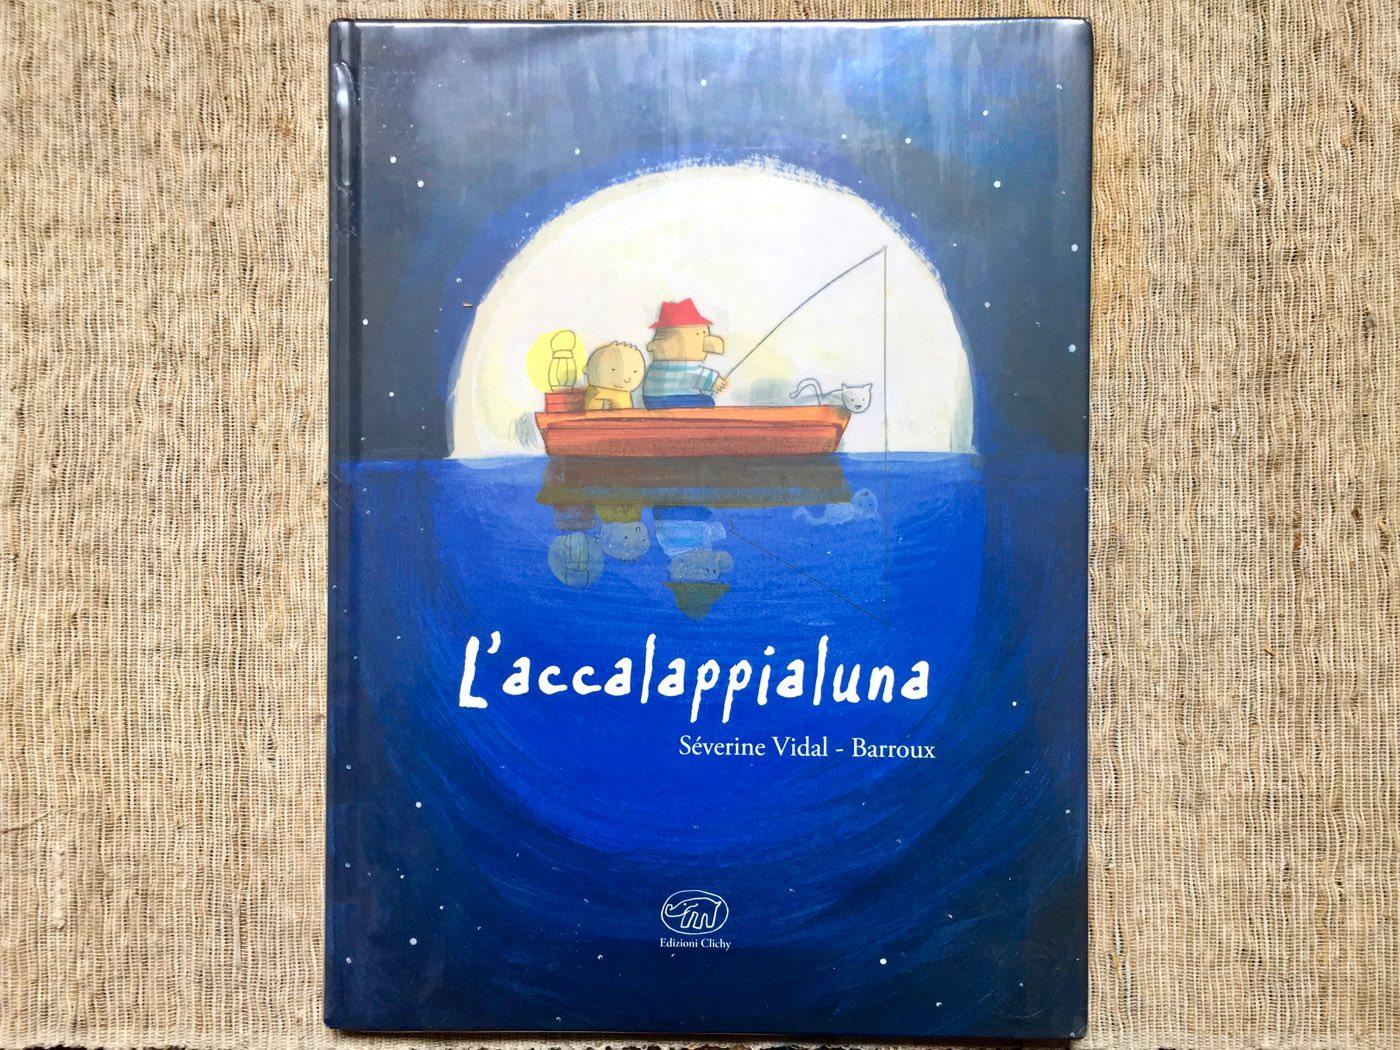 Copertina del libro Accalappialuna, una bella storia di racconti tra nonno e nipote